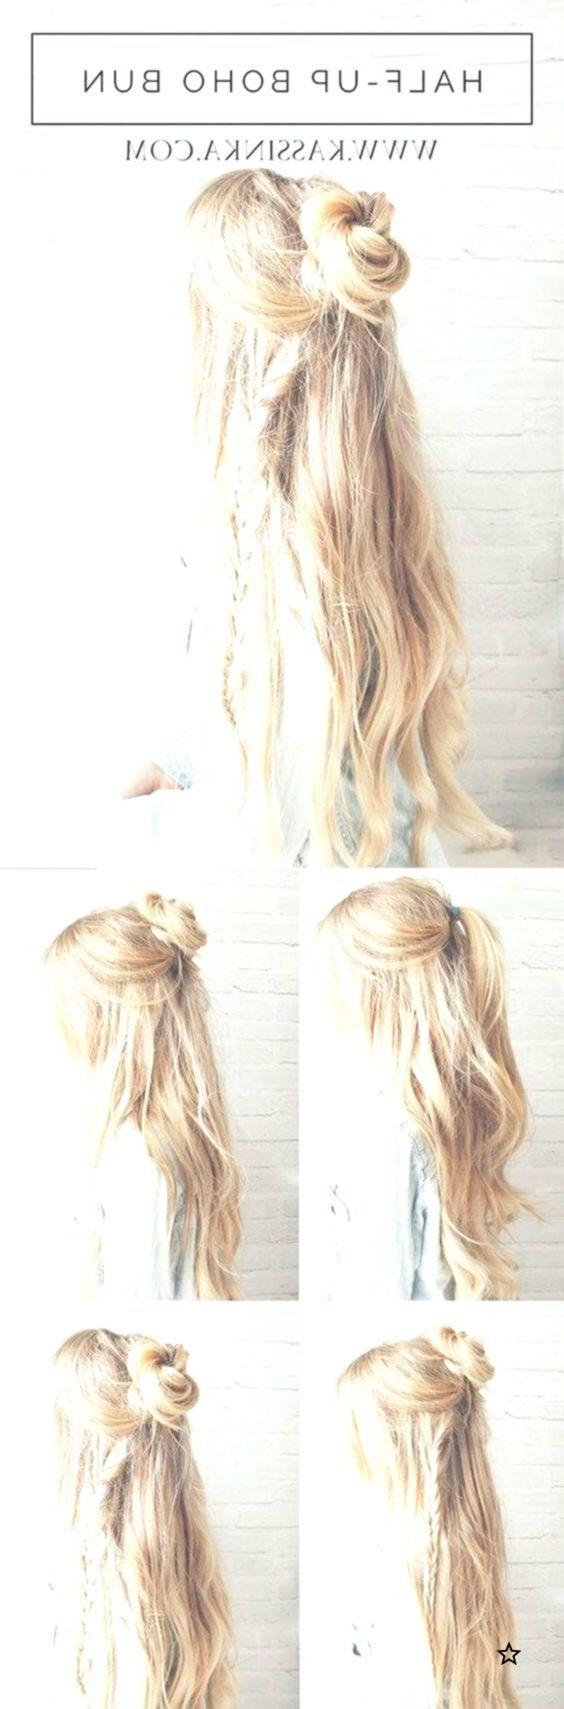 Beste Frisuren für langes Haar - Boho Braided Bun Hair - Schritt für Schritt Anleitungen für… - lockige Frisuren 2019 - #Boho #Braided #bun #curly #Hair